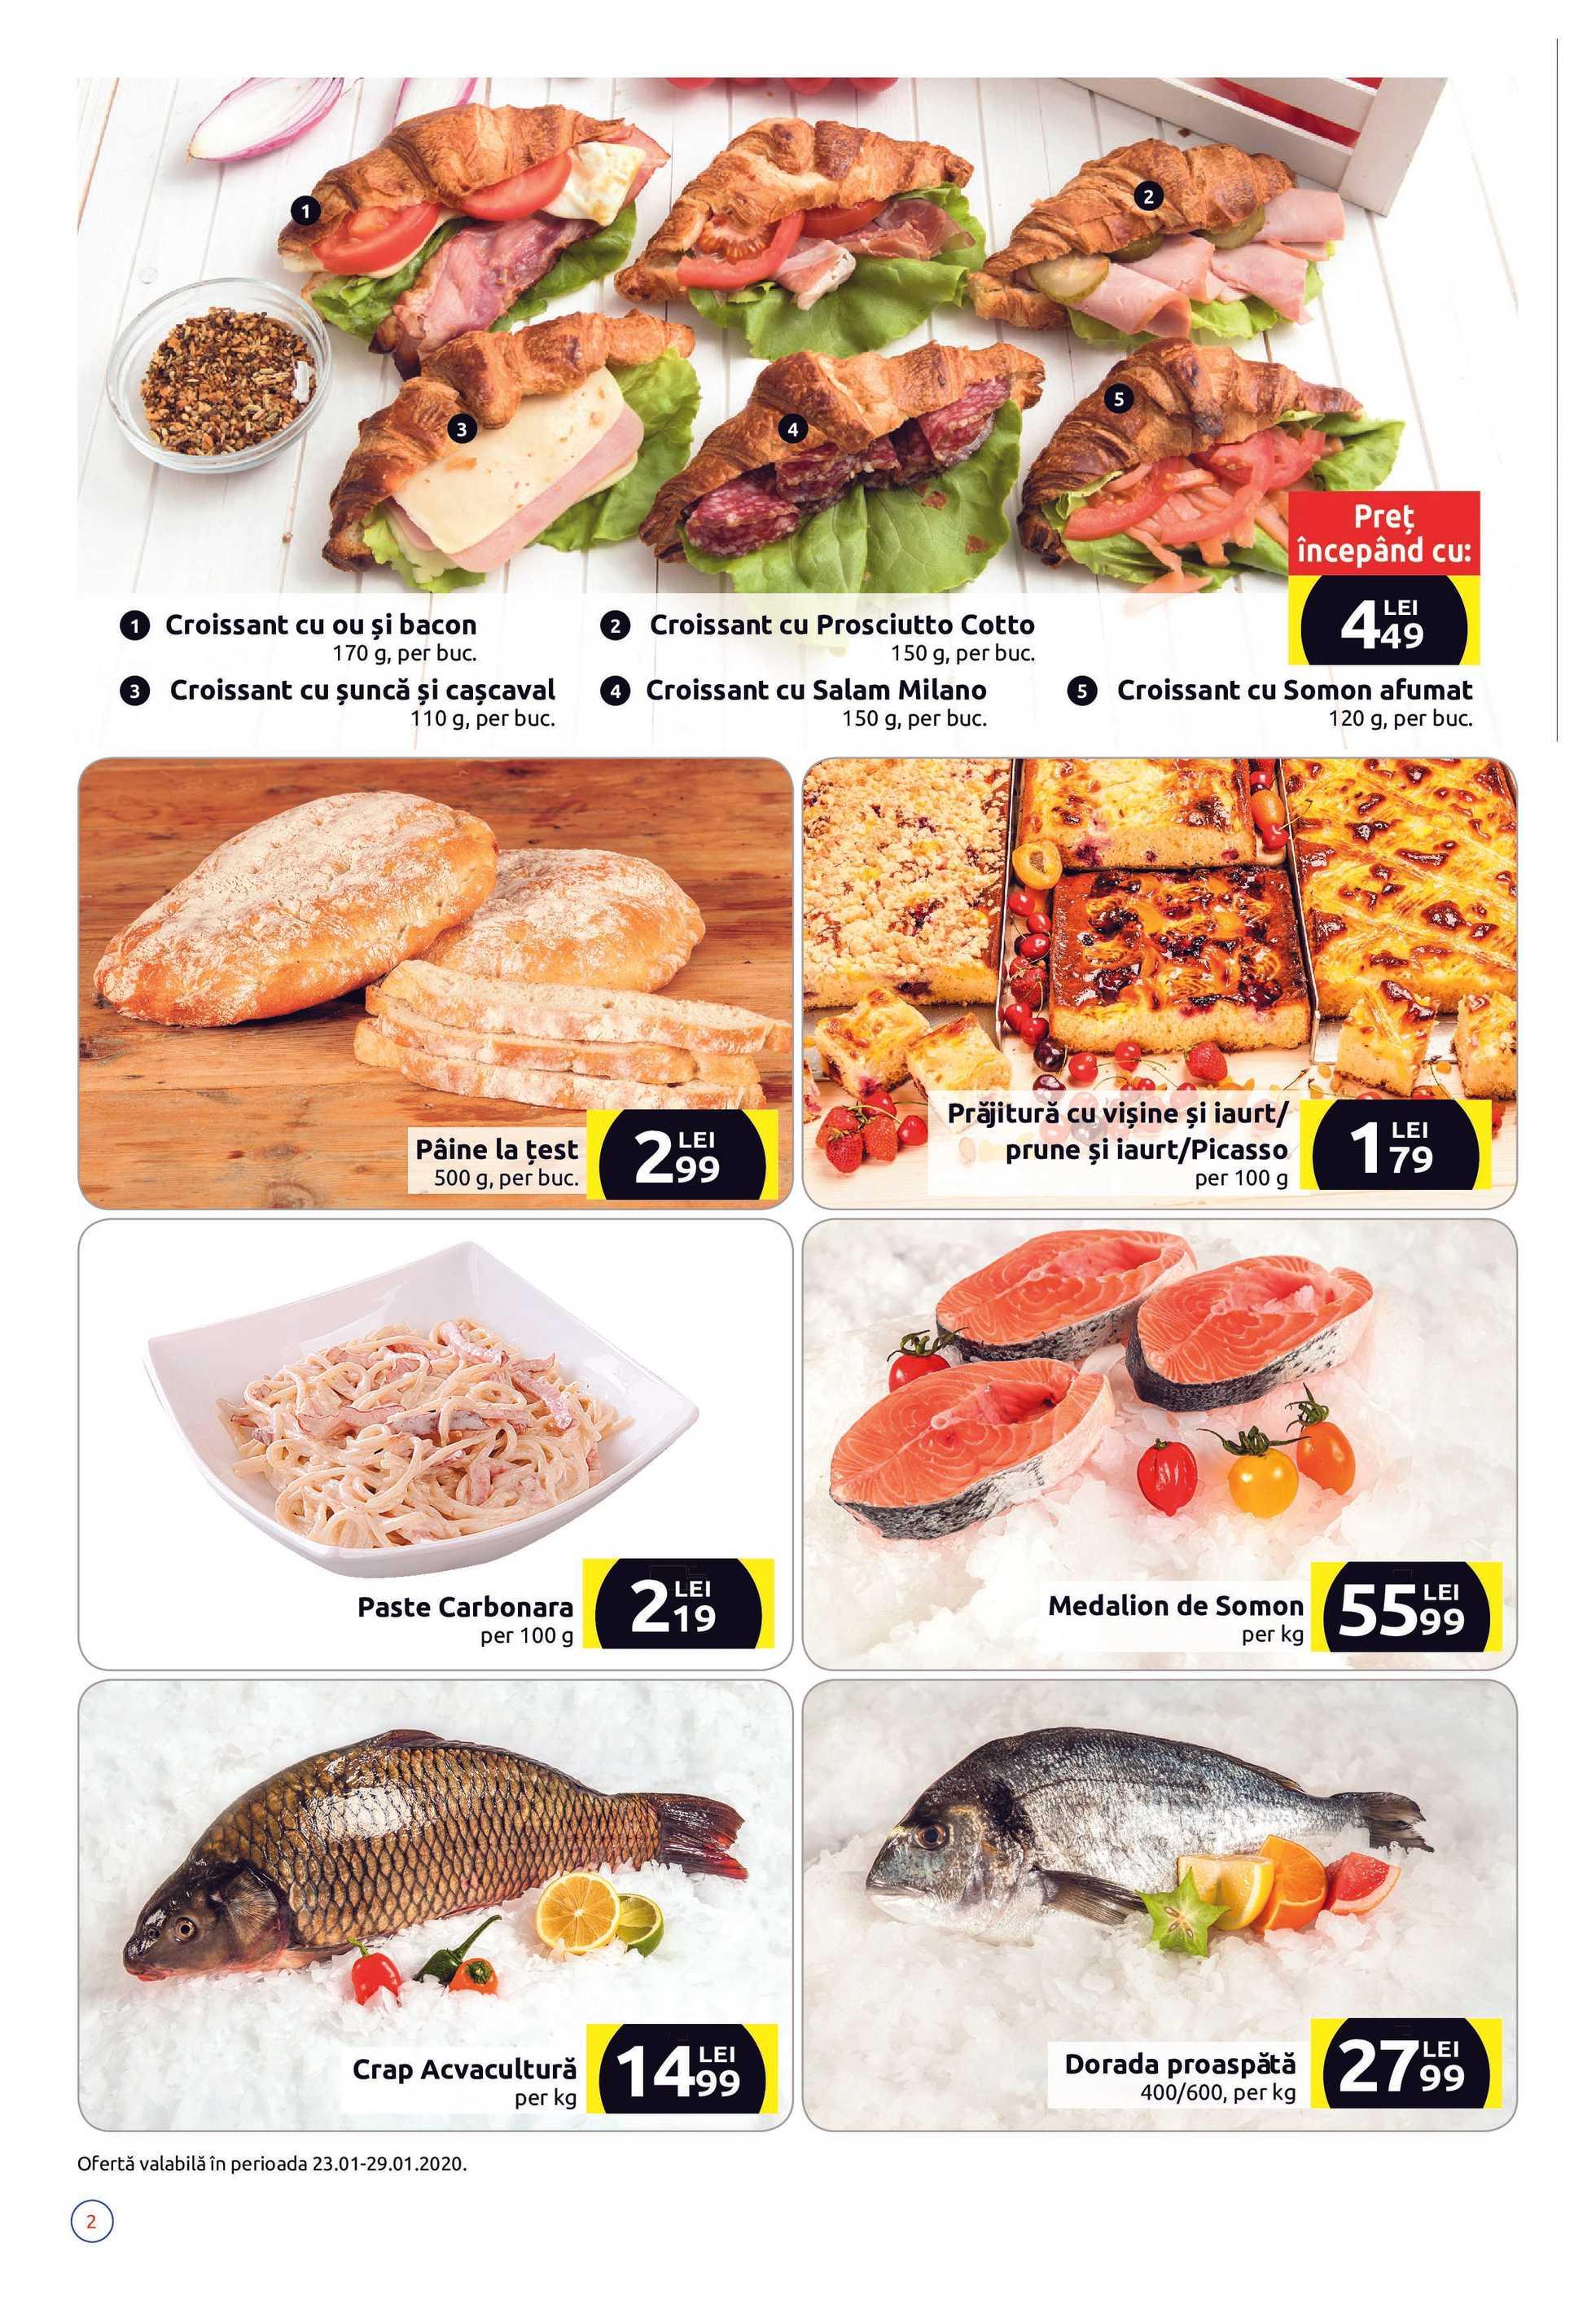 Carrefour - promo începând de la 23.01.2020 până la 05.02.2020 - pagină 2.